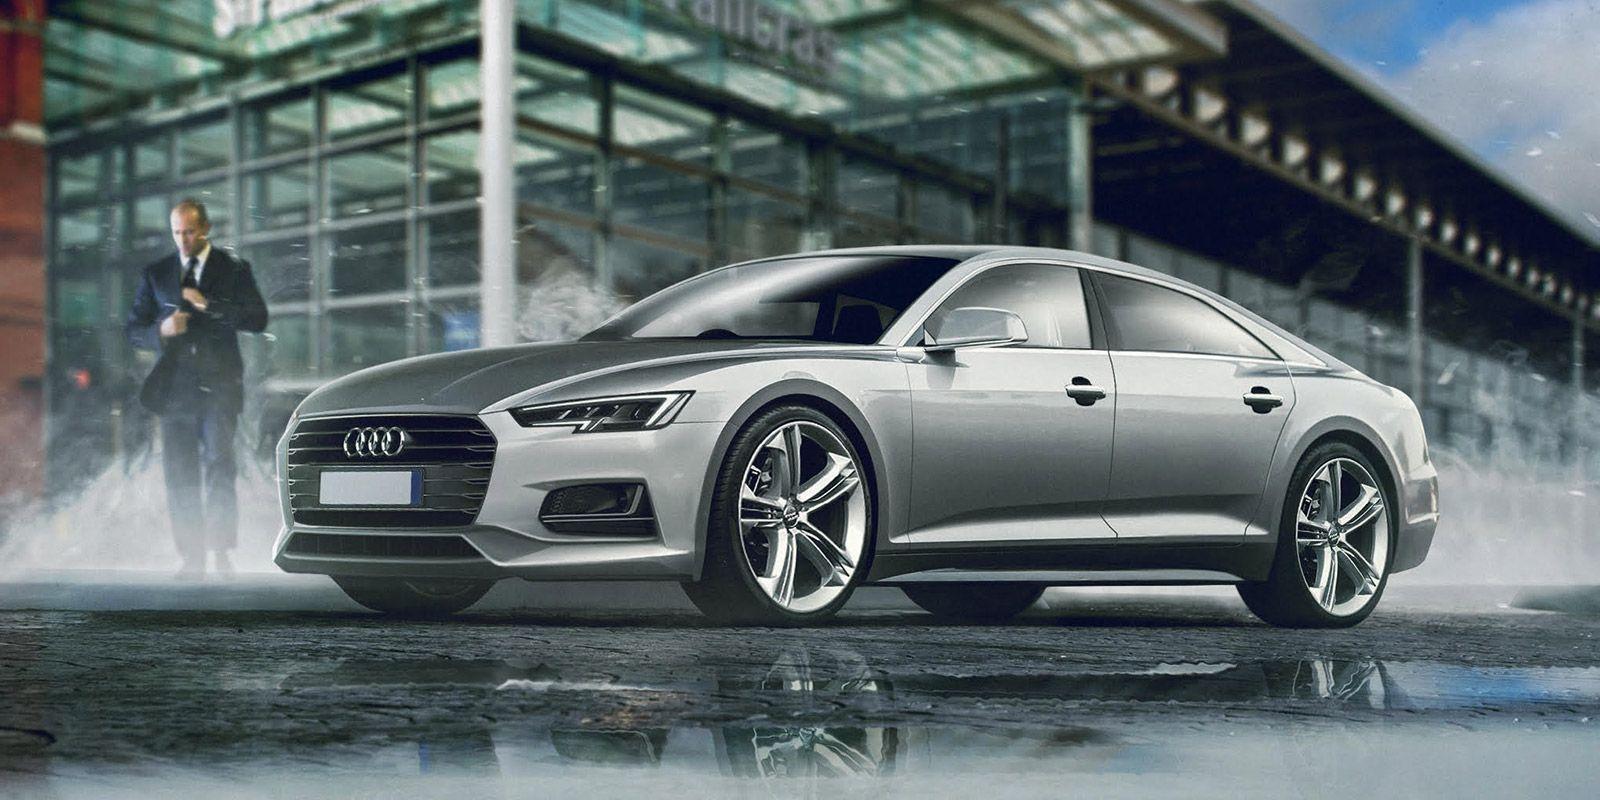 Kelebihan Kekurangan Audi A9 2018 Perbandingan Harga